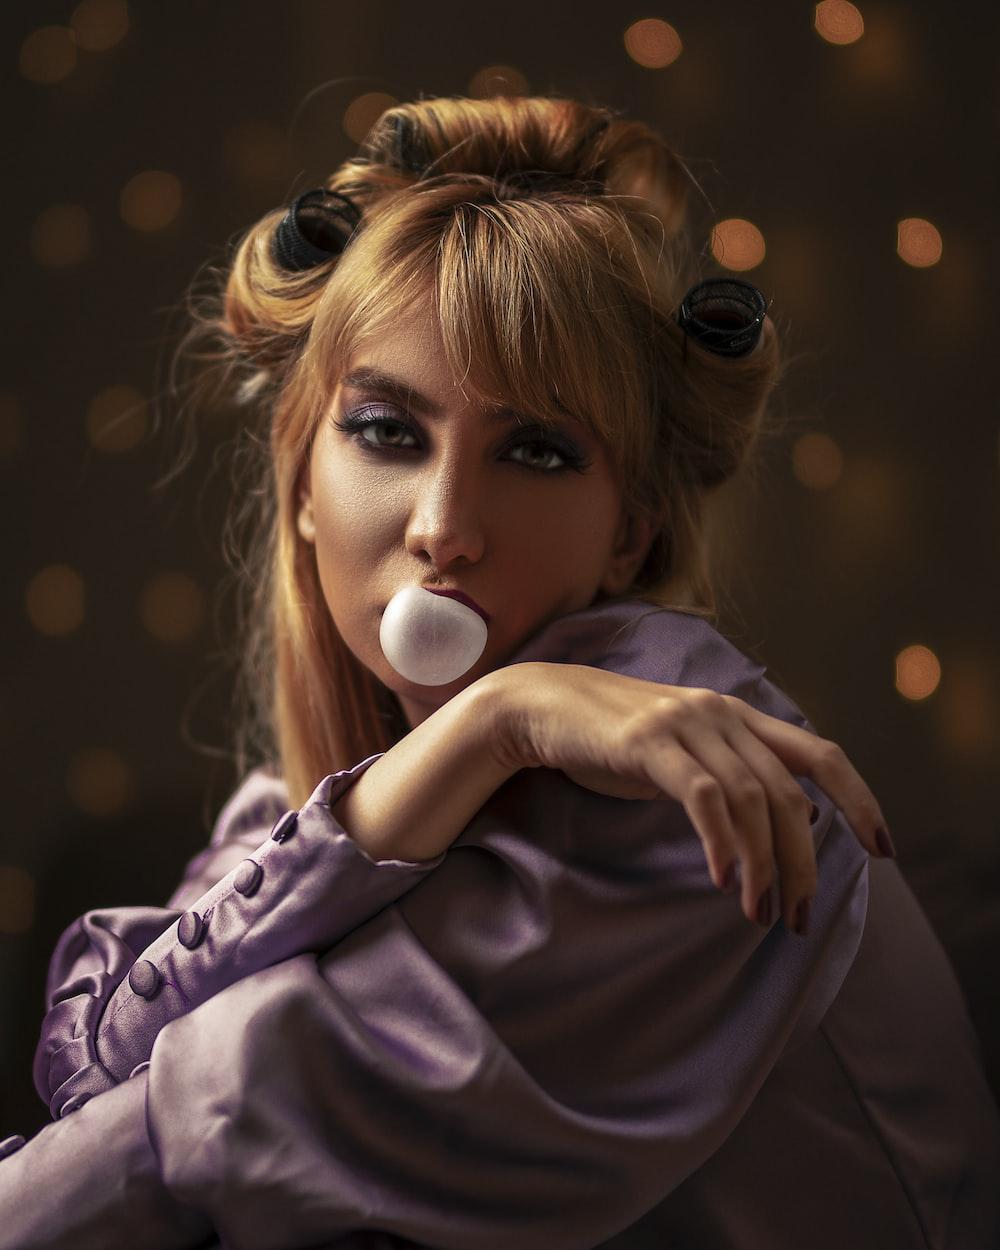 woman wearing purple top